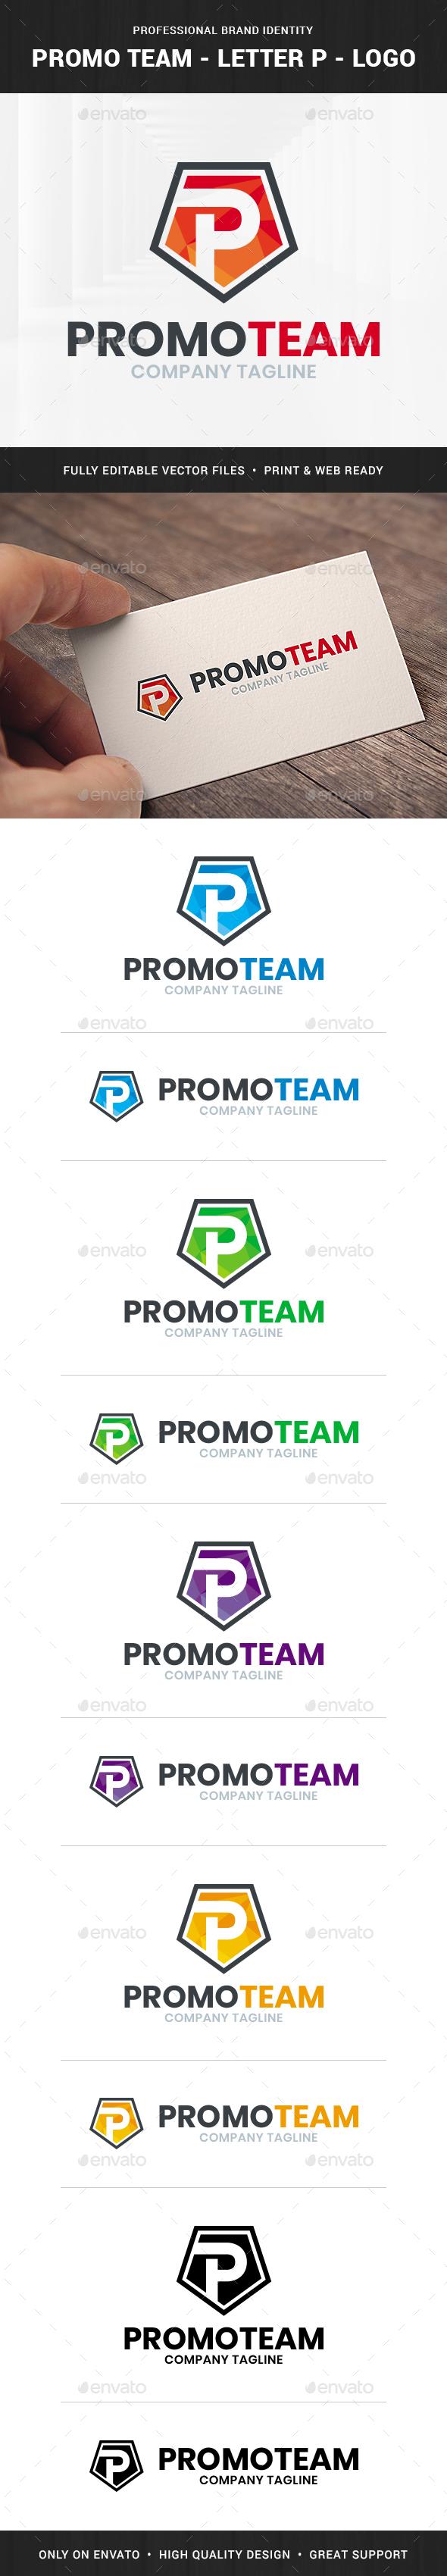 Promo Team - Letter P Logo